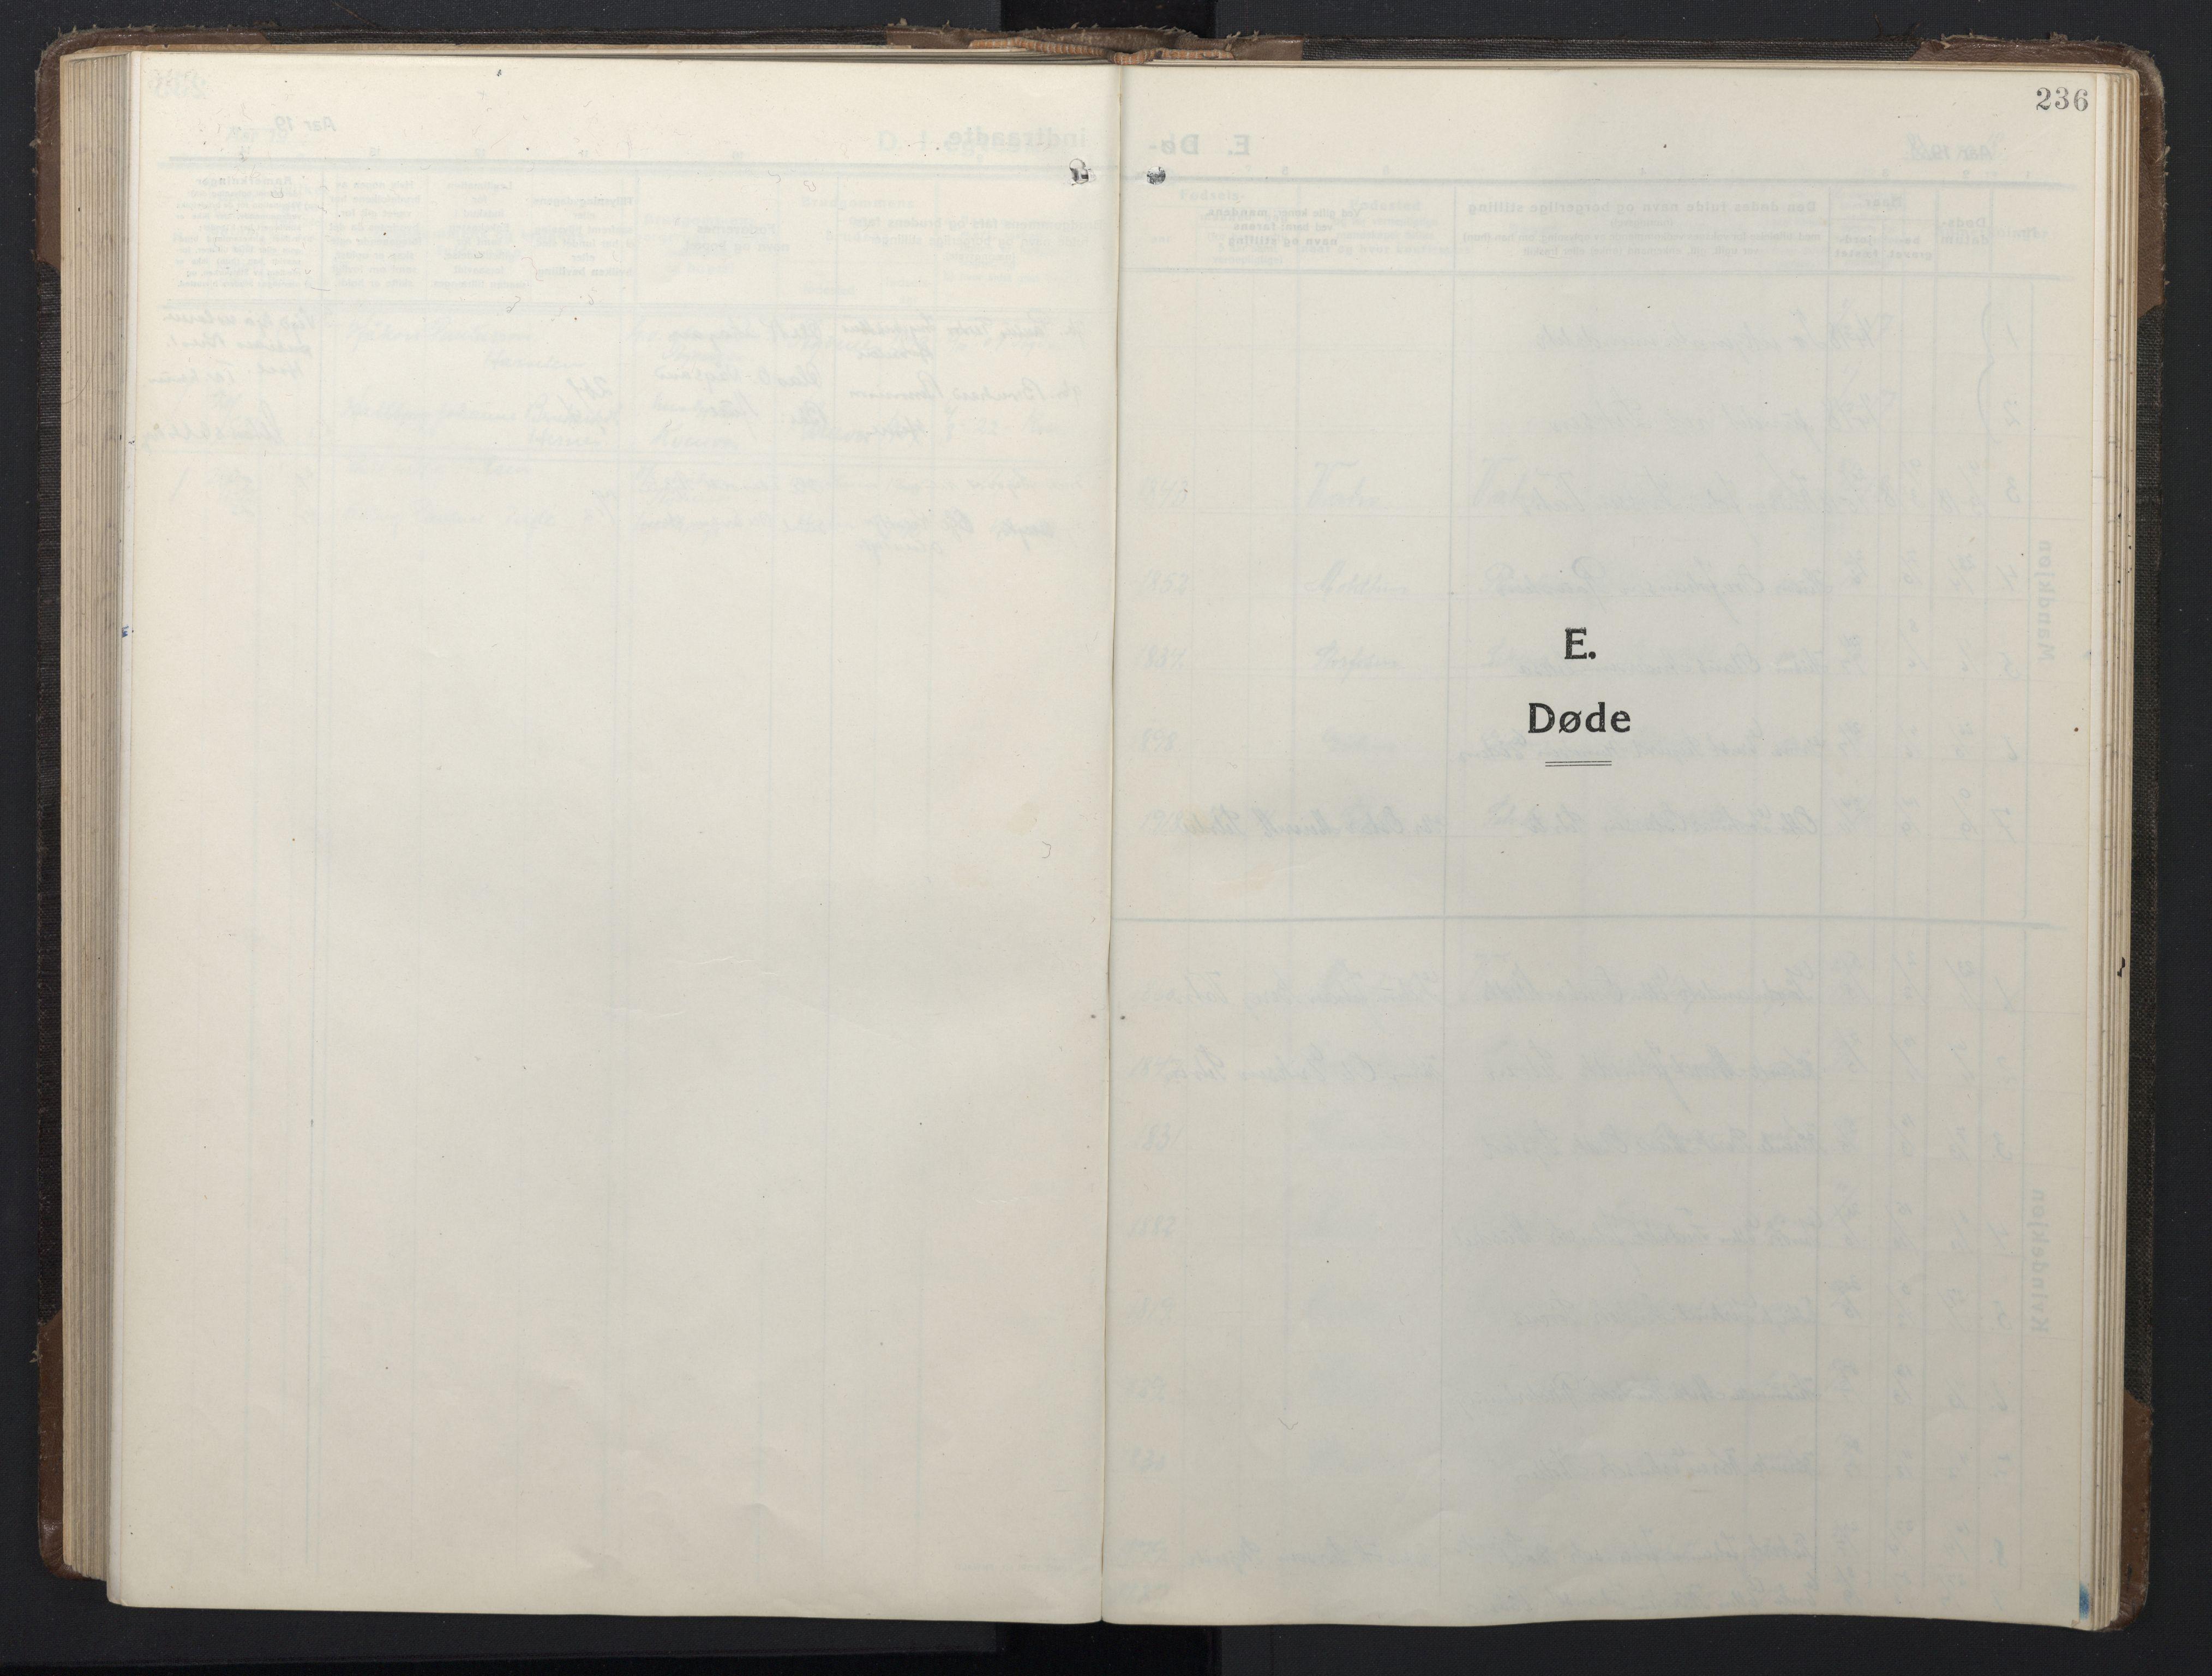 SAT, Ministerialprotokoller, klokkerbøker og fødselsregistre - Sør-Trøndelag, 662/L0758: Klokkerbok nr. 662C03, 1918-1948, s. 236